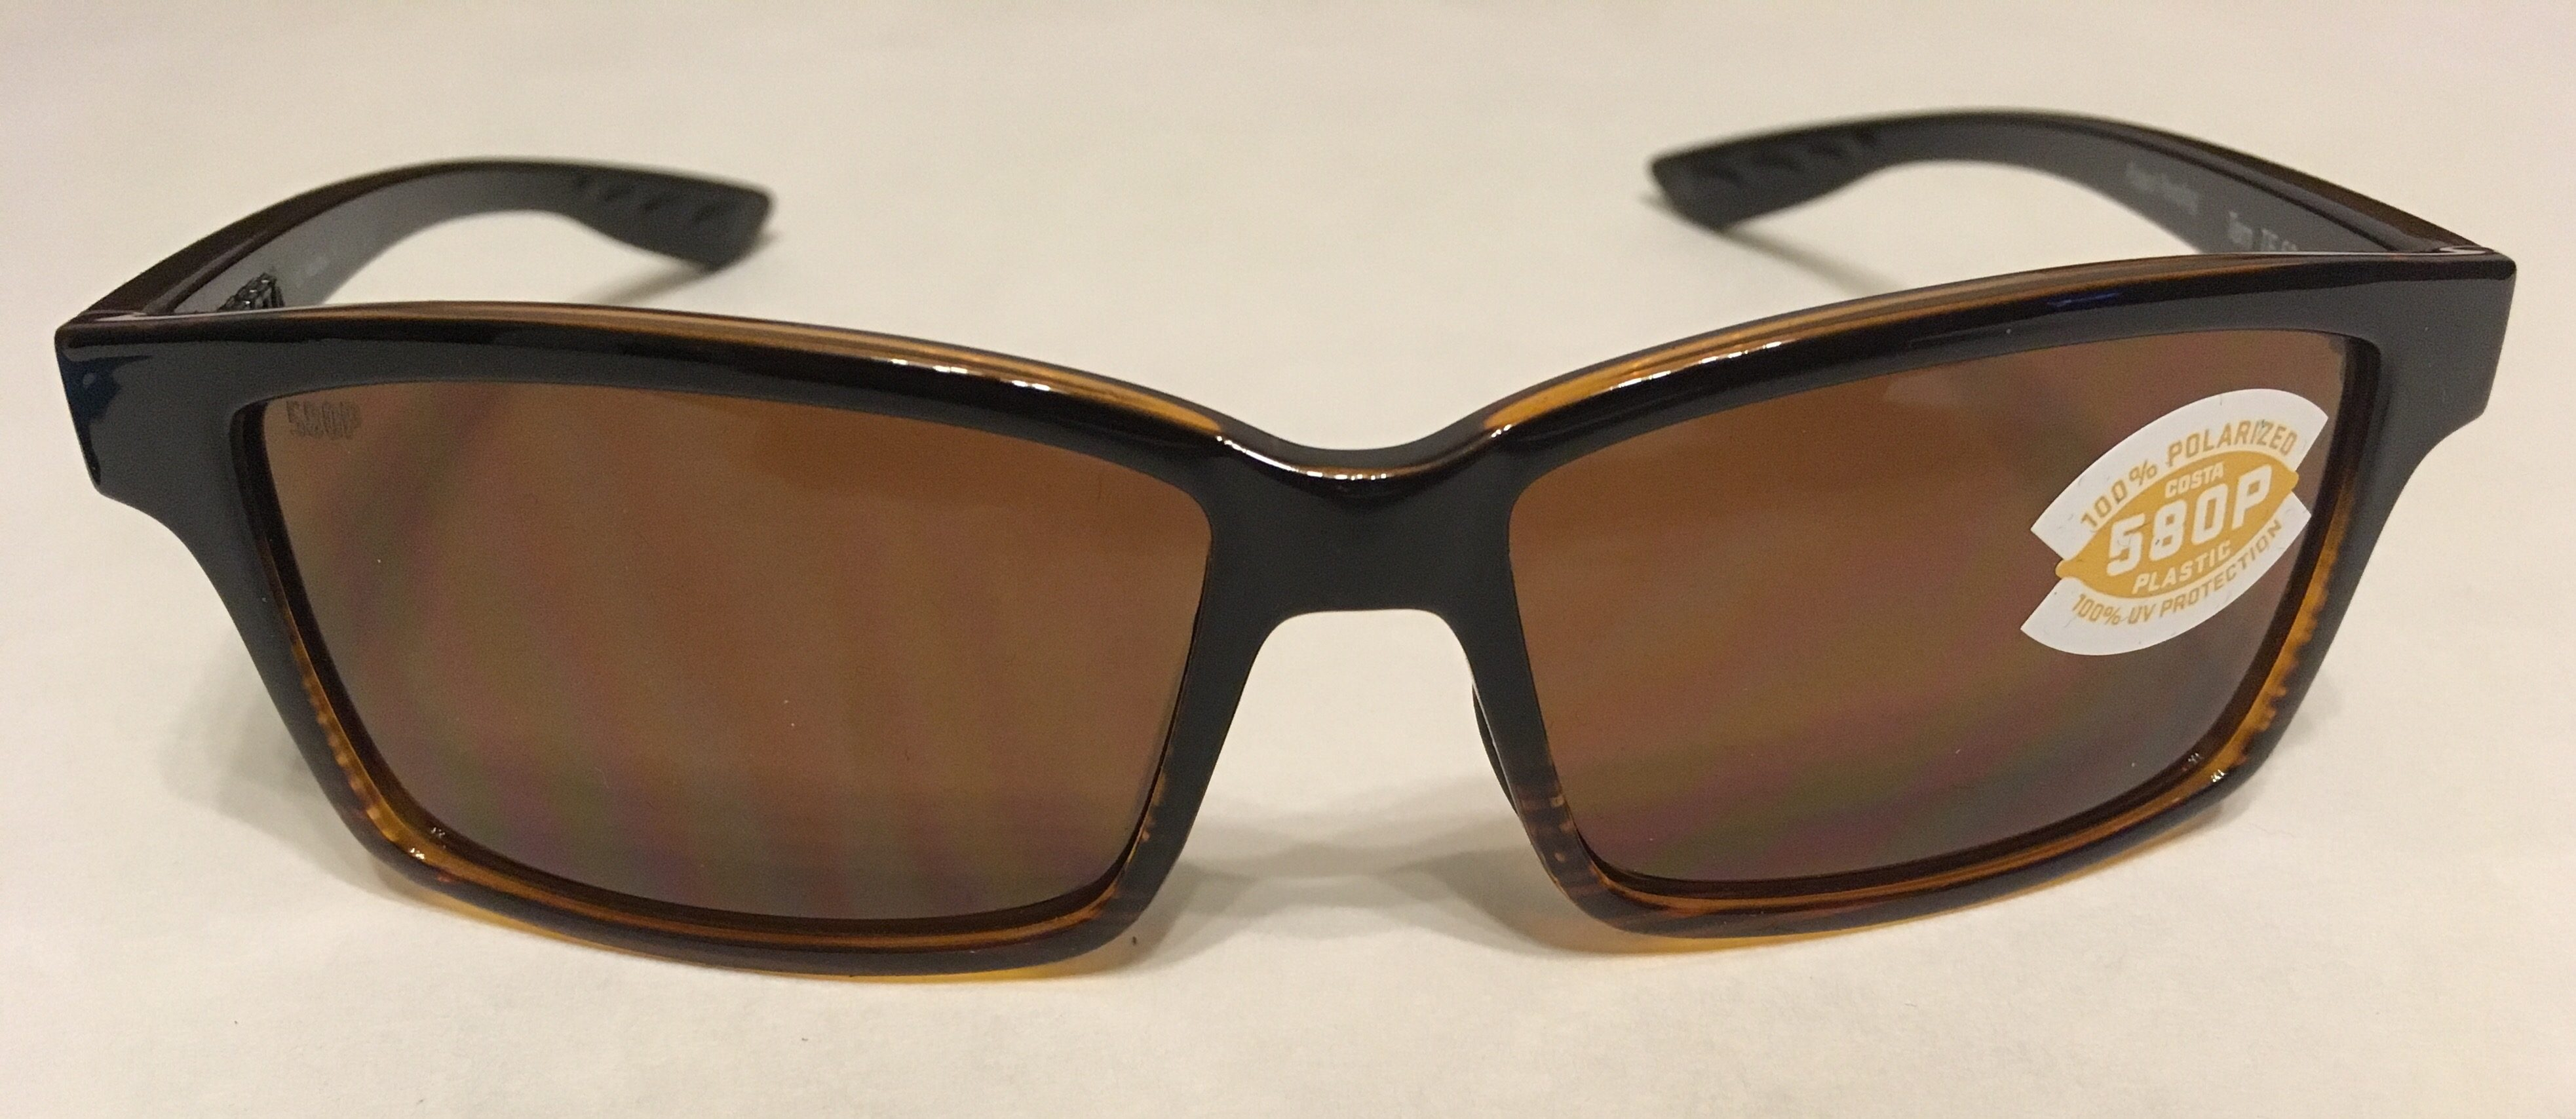 polarized amber sunglasses  NEW Costa Del Mar Tern Sunglasses \u2013 Coconut Fade POLARIZED Amber ...